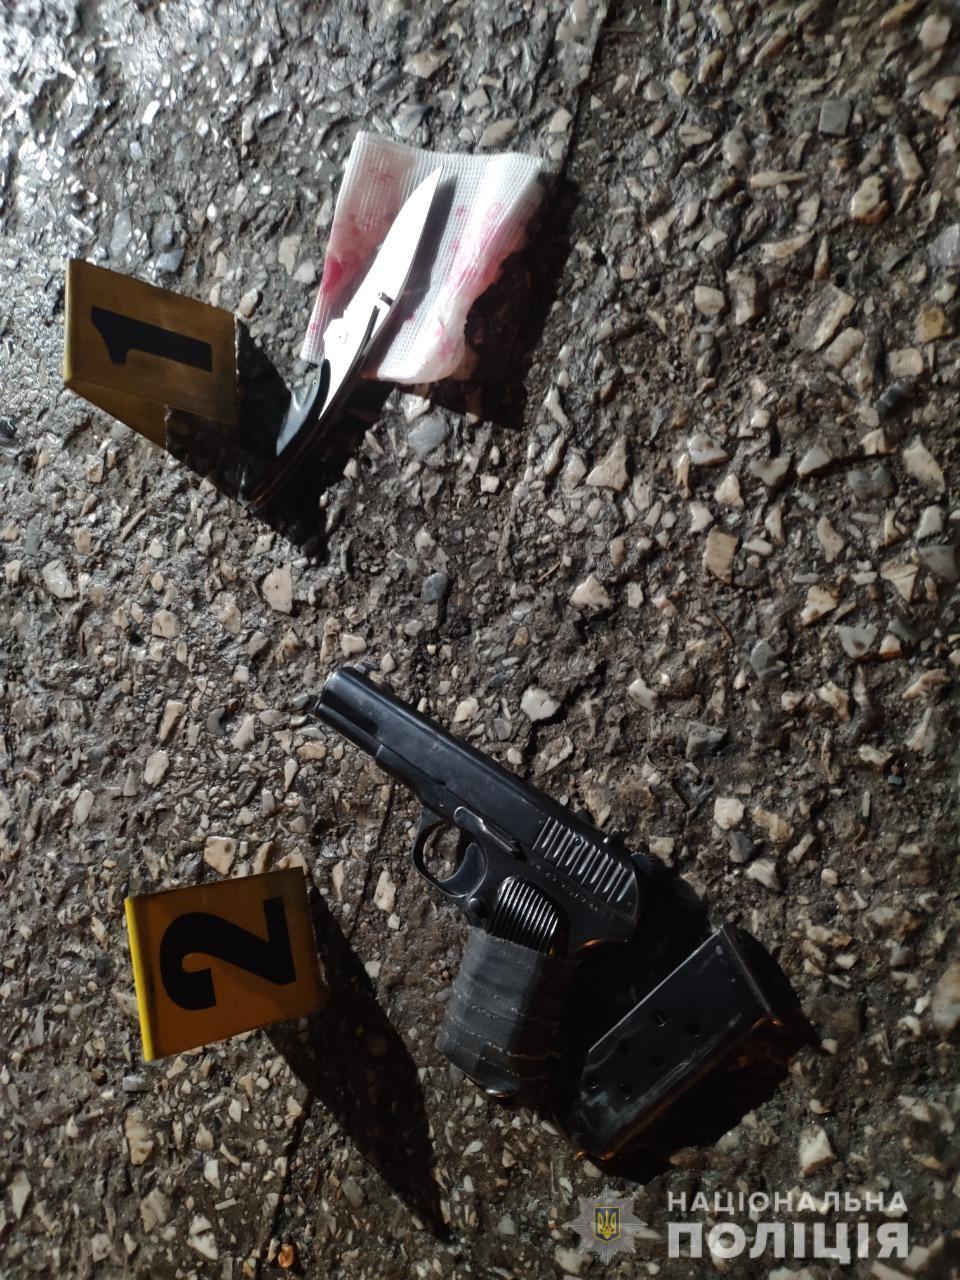 Не поделили очередь: мужчина с ножом и пистолетом напал на покупателей в супермаркете. Новости Днепра